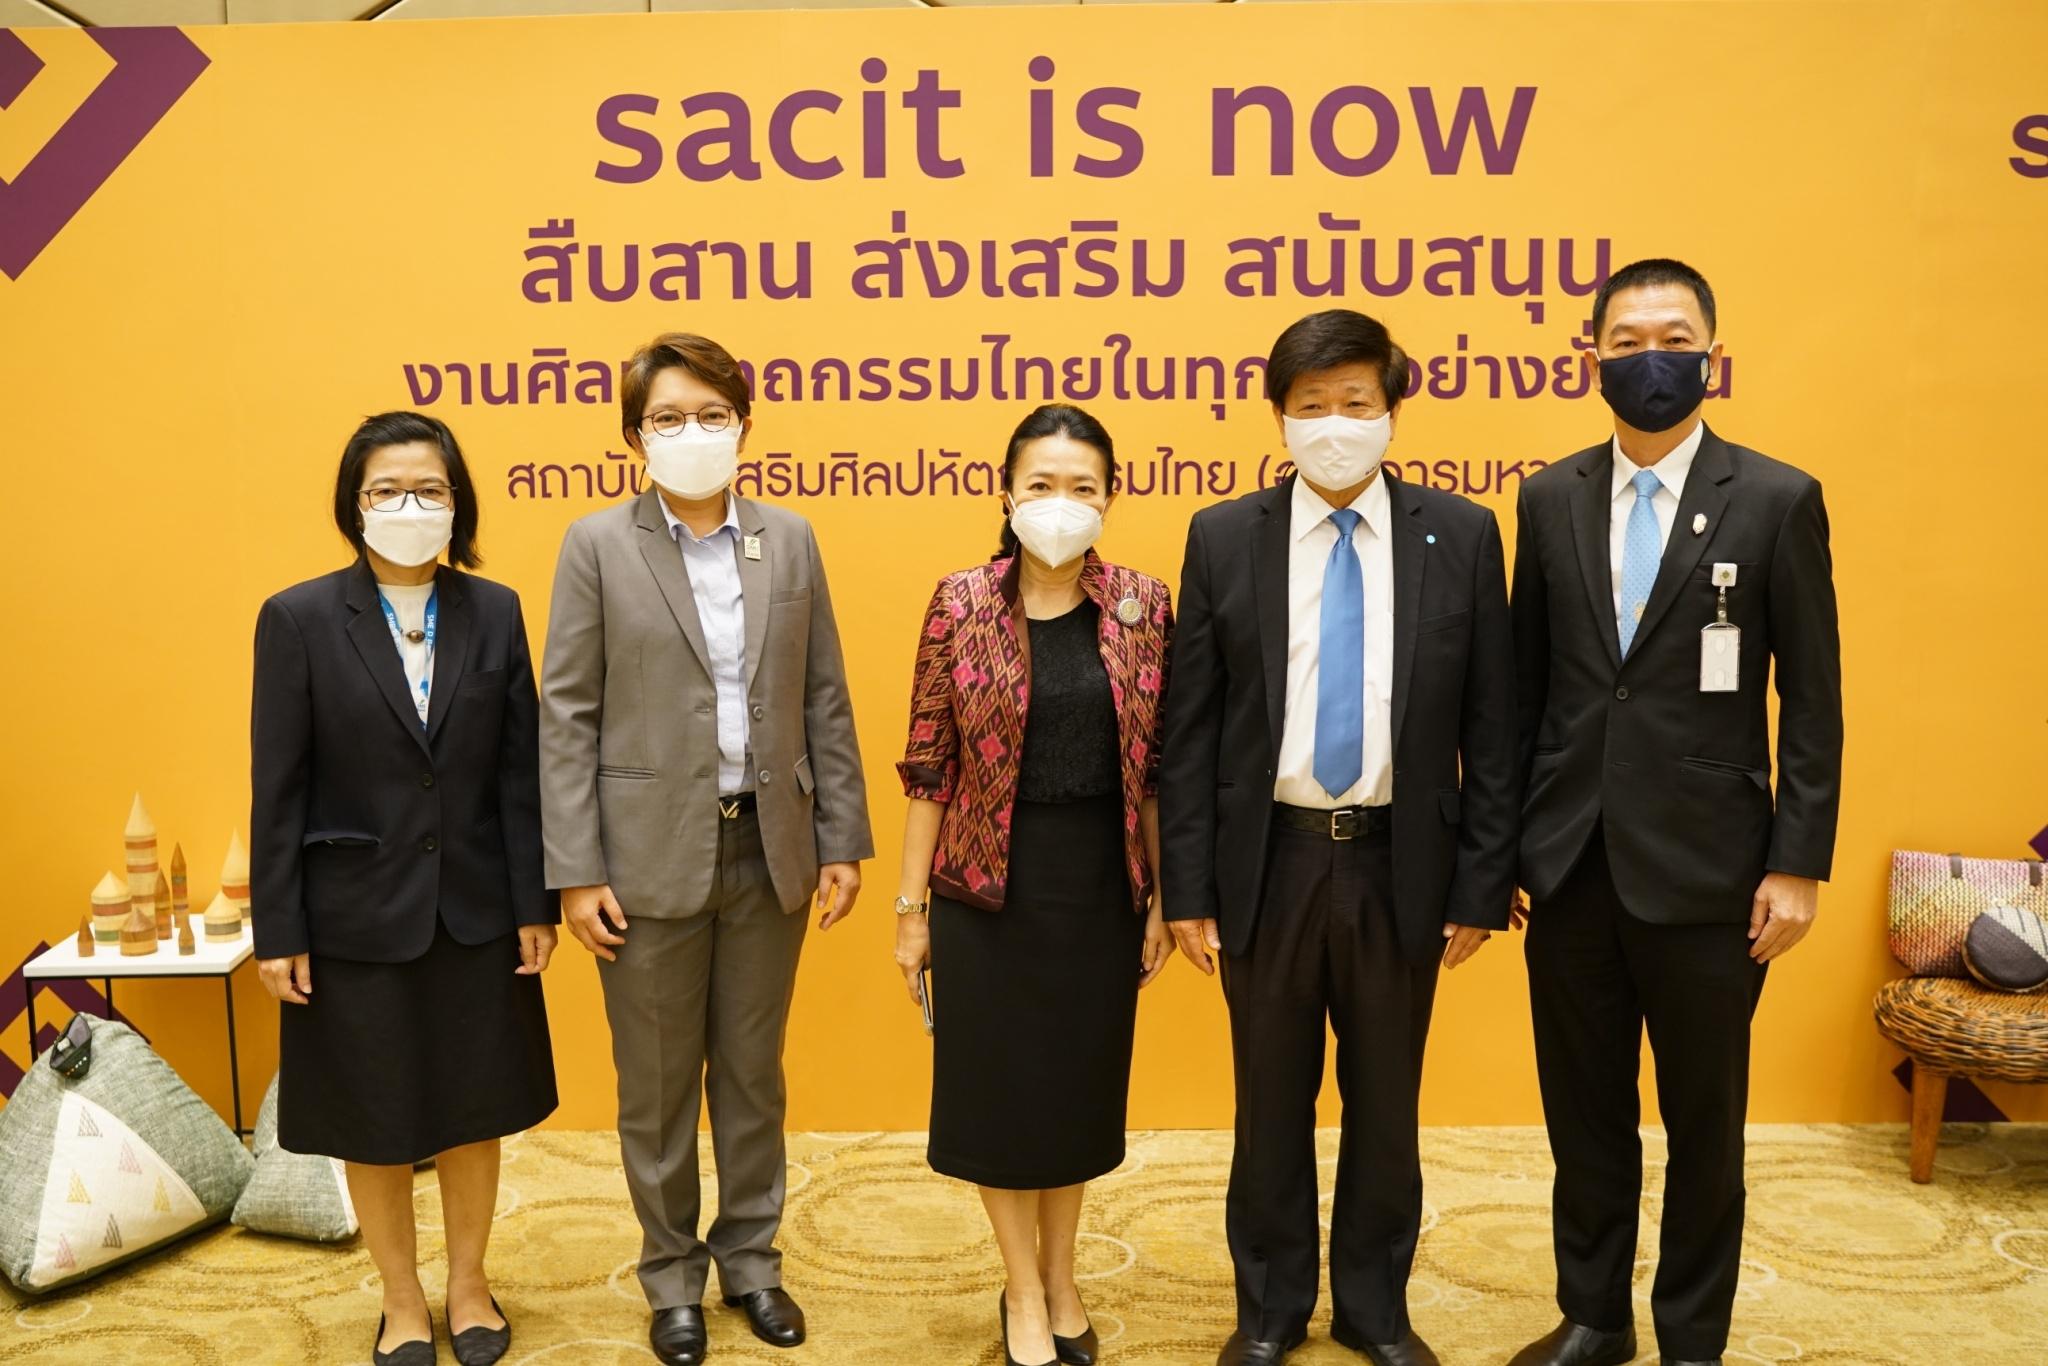 SME D Bank ร่วมพิธีเปิด 'sacit' ยกระดับงานศิลปหัตถกรรมไทยสู่ตลาดโลก พร้อมเสริมแกร่งผู้ประกอบการรุ่นใหม่ 'เติมทุน เติมความรู้' สร้างโอกาสทางธุรกิจ